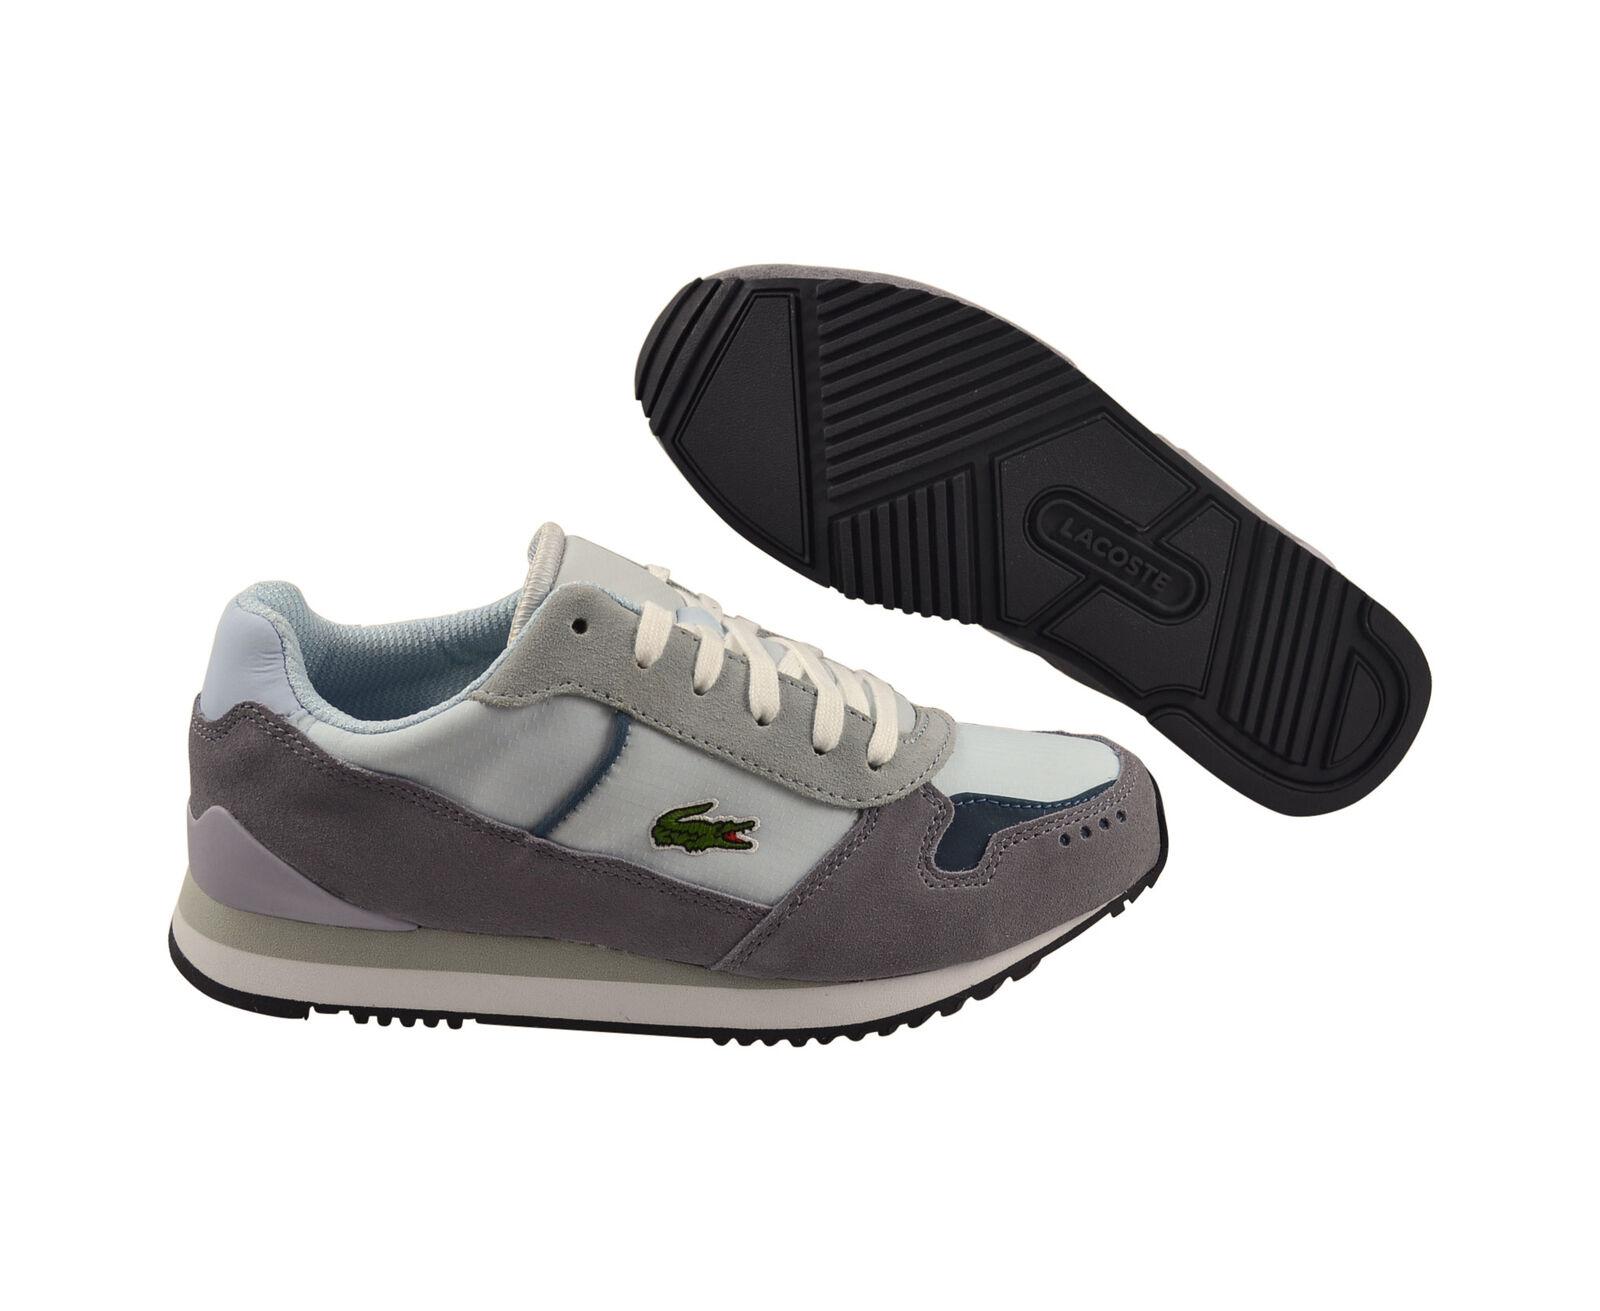 LACOSTE Trajet MR Lew Dark Grey/Blue Scarpe/sneaker Scarpe classiche da uomo